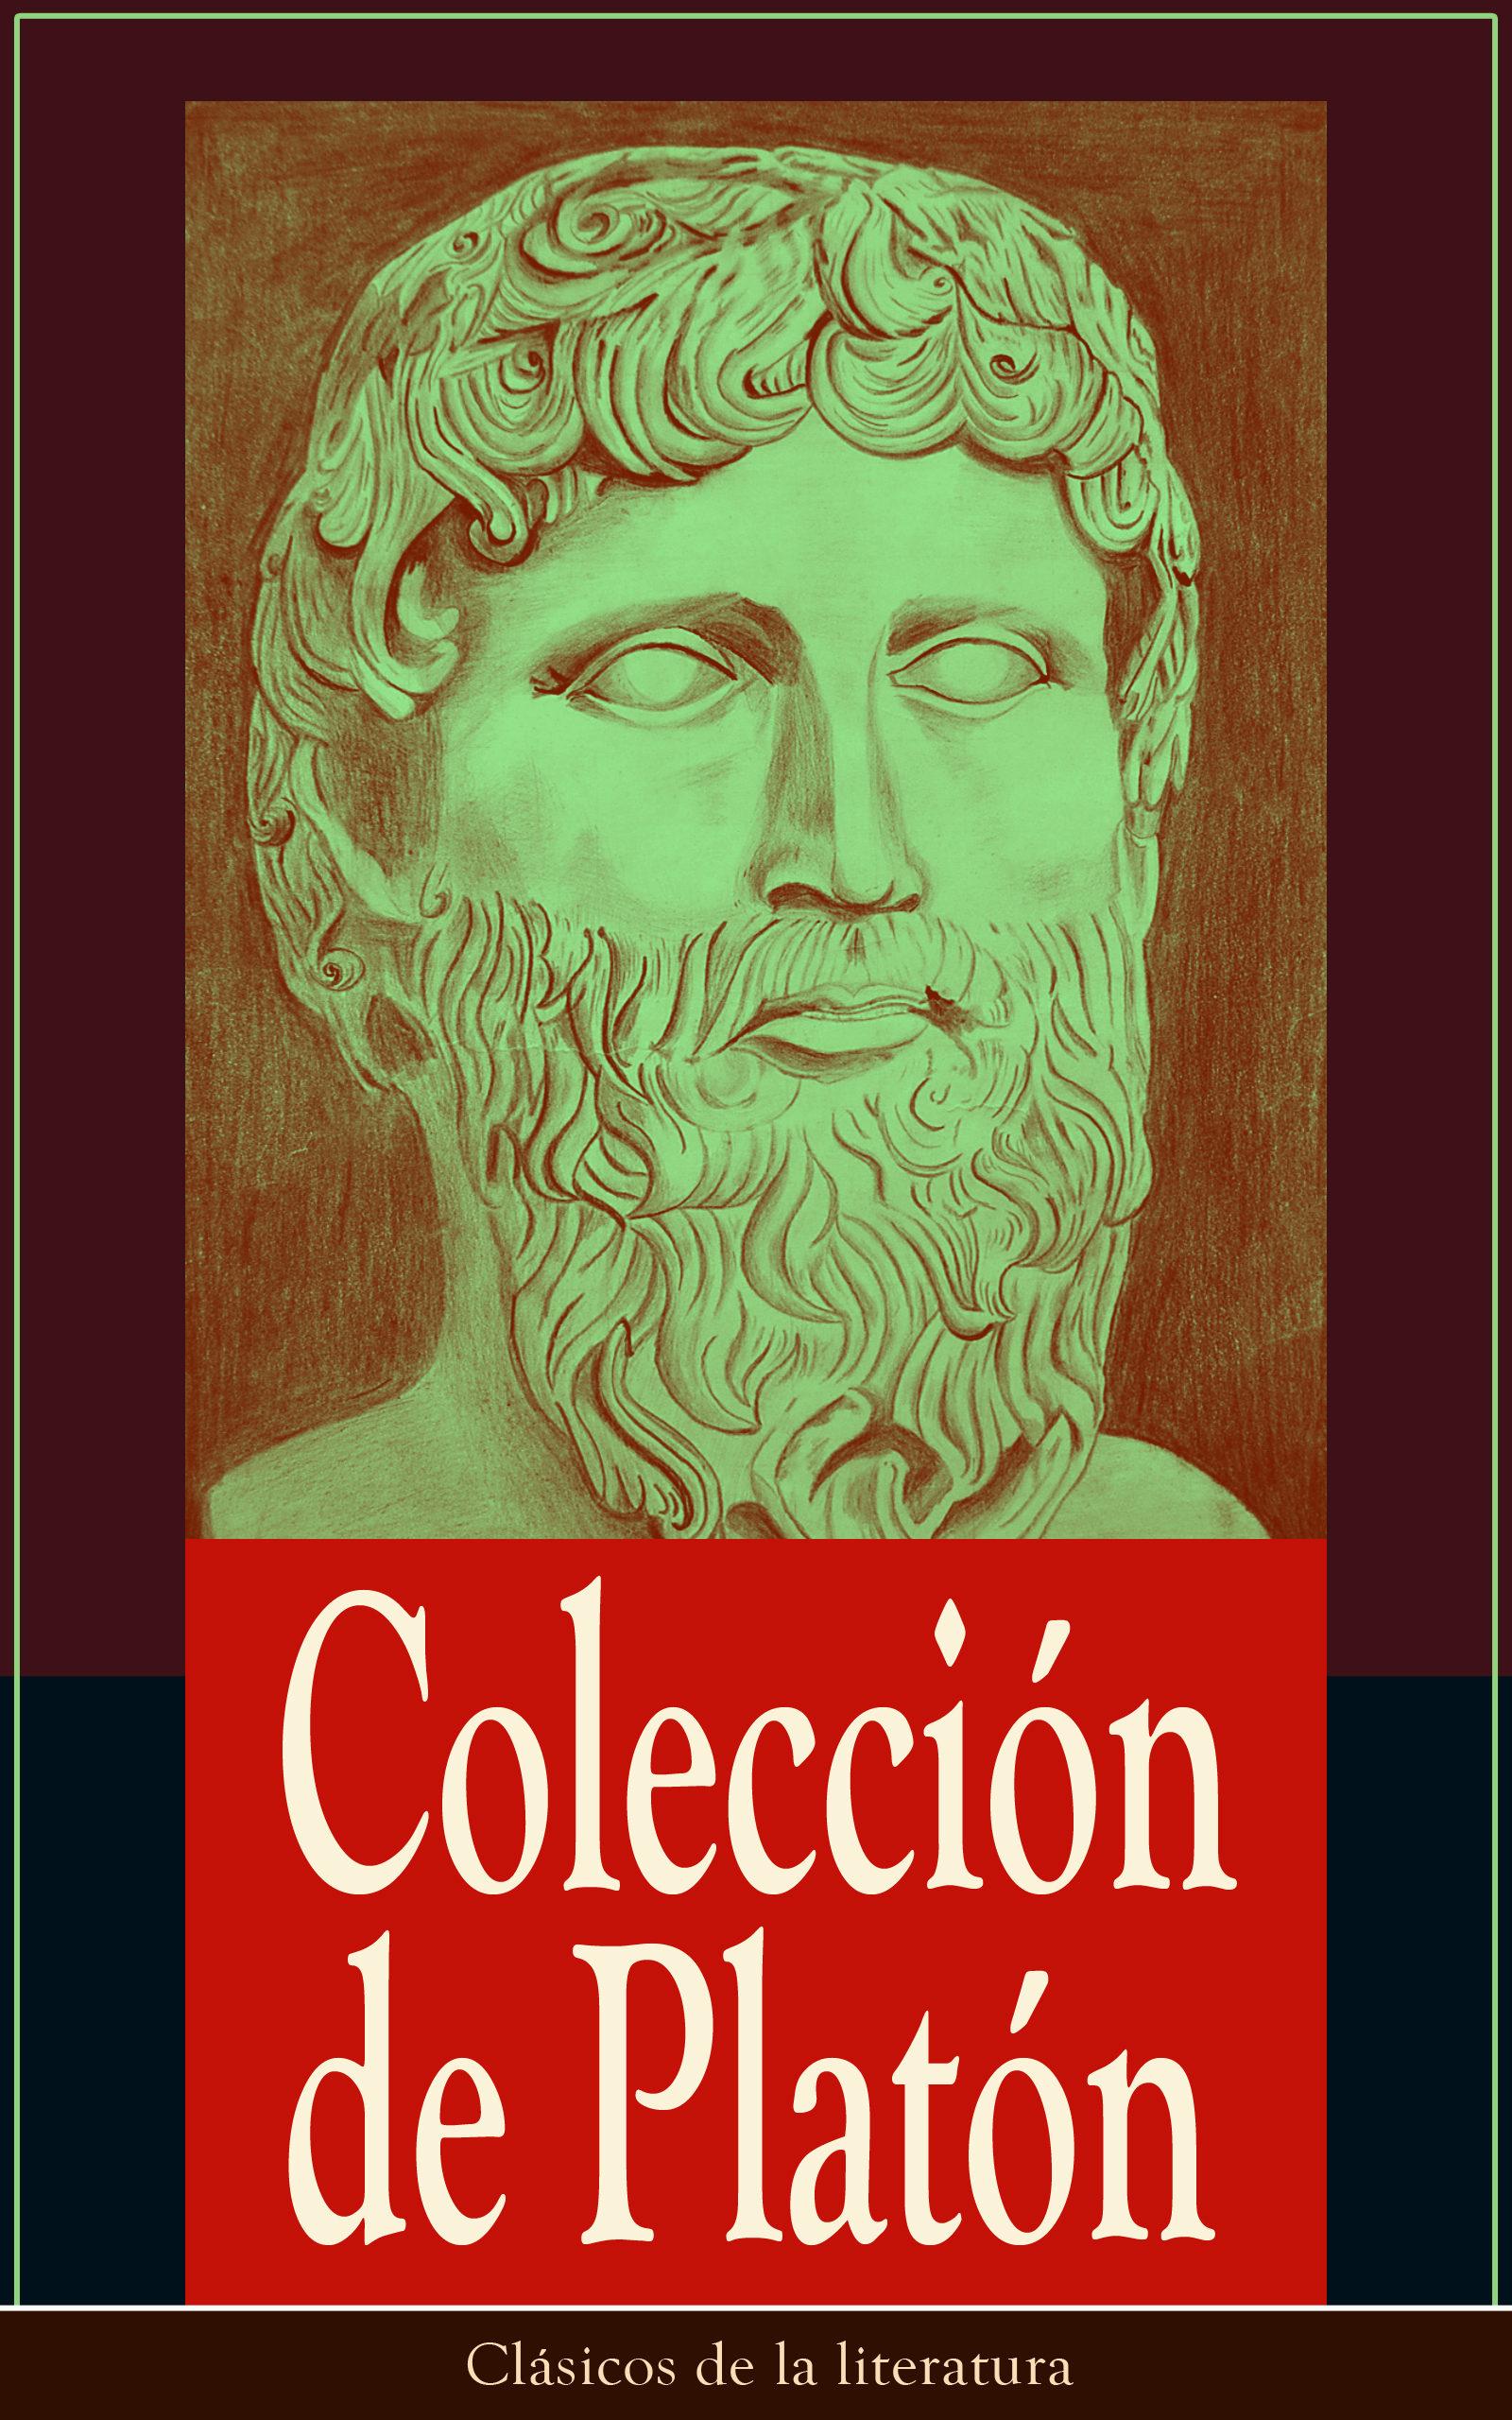 Colección de Platón: Clásicos de la literatura